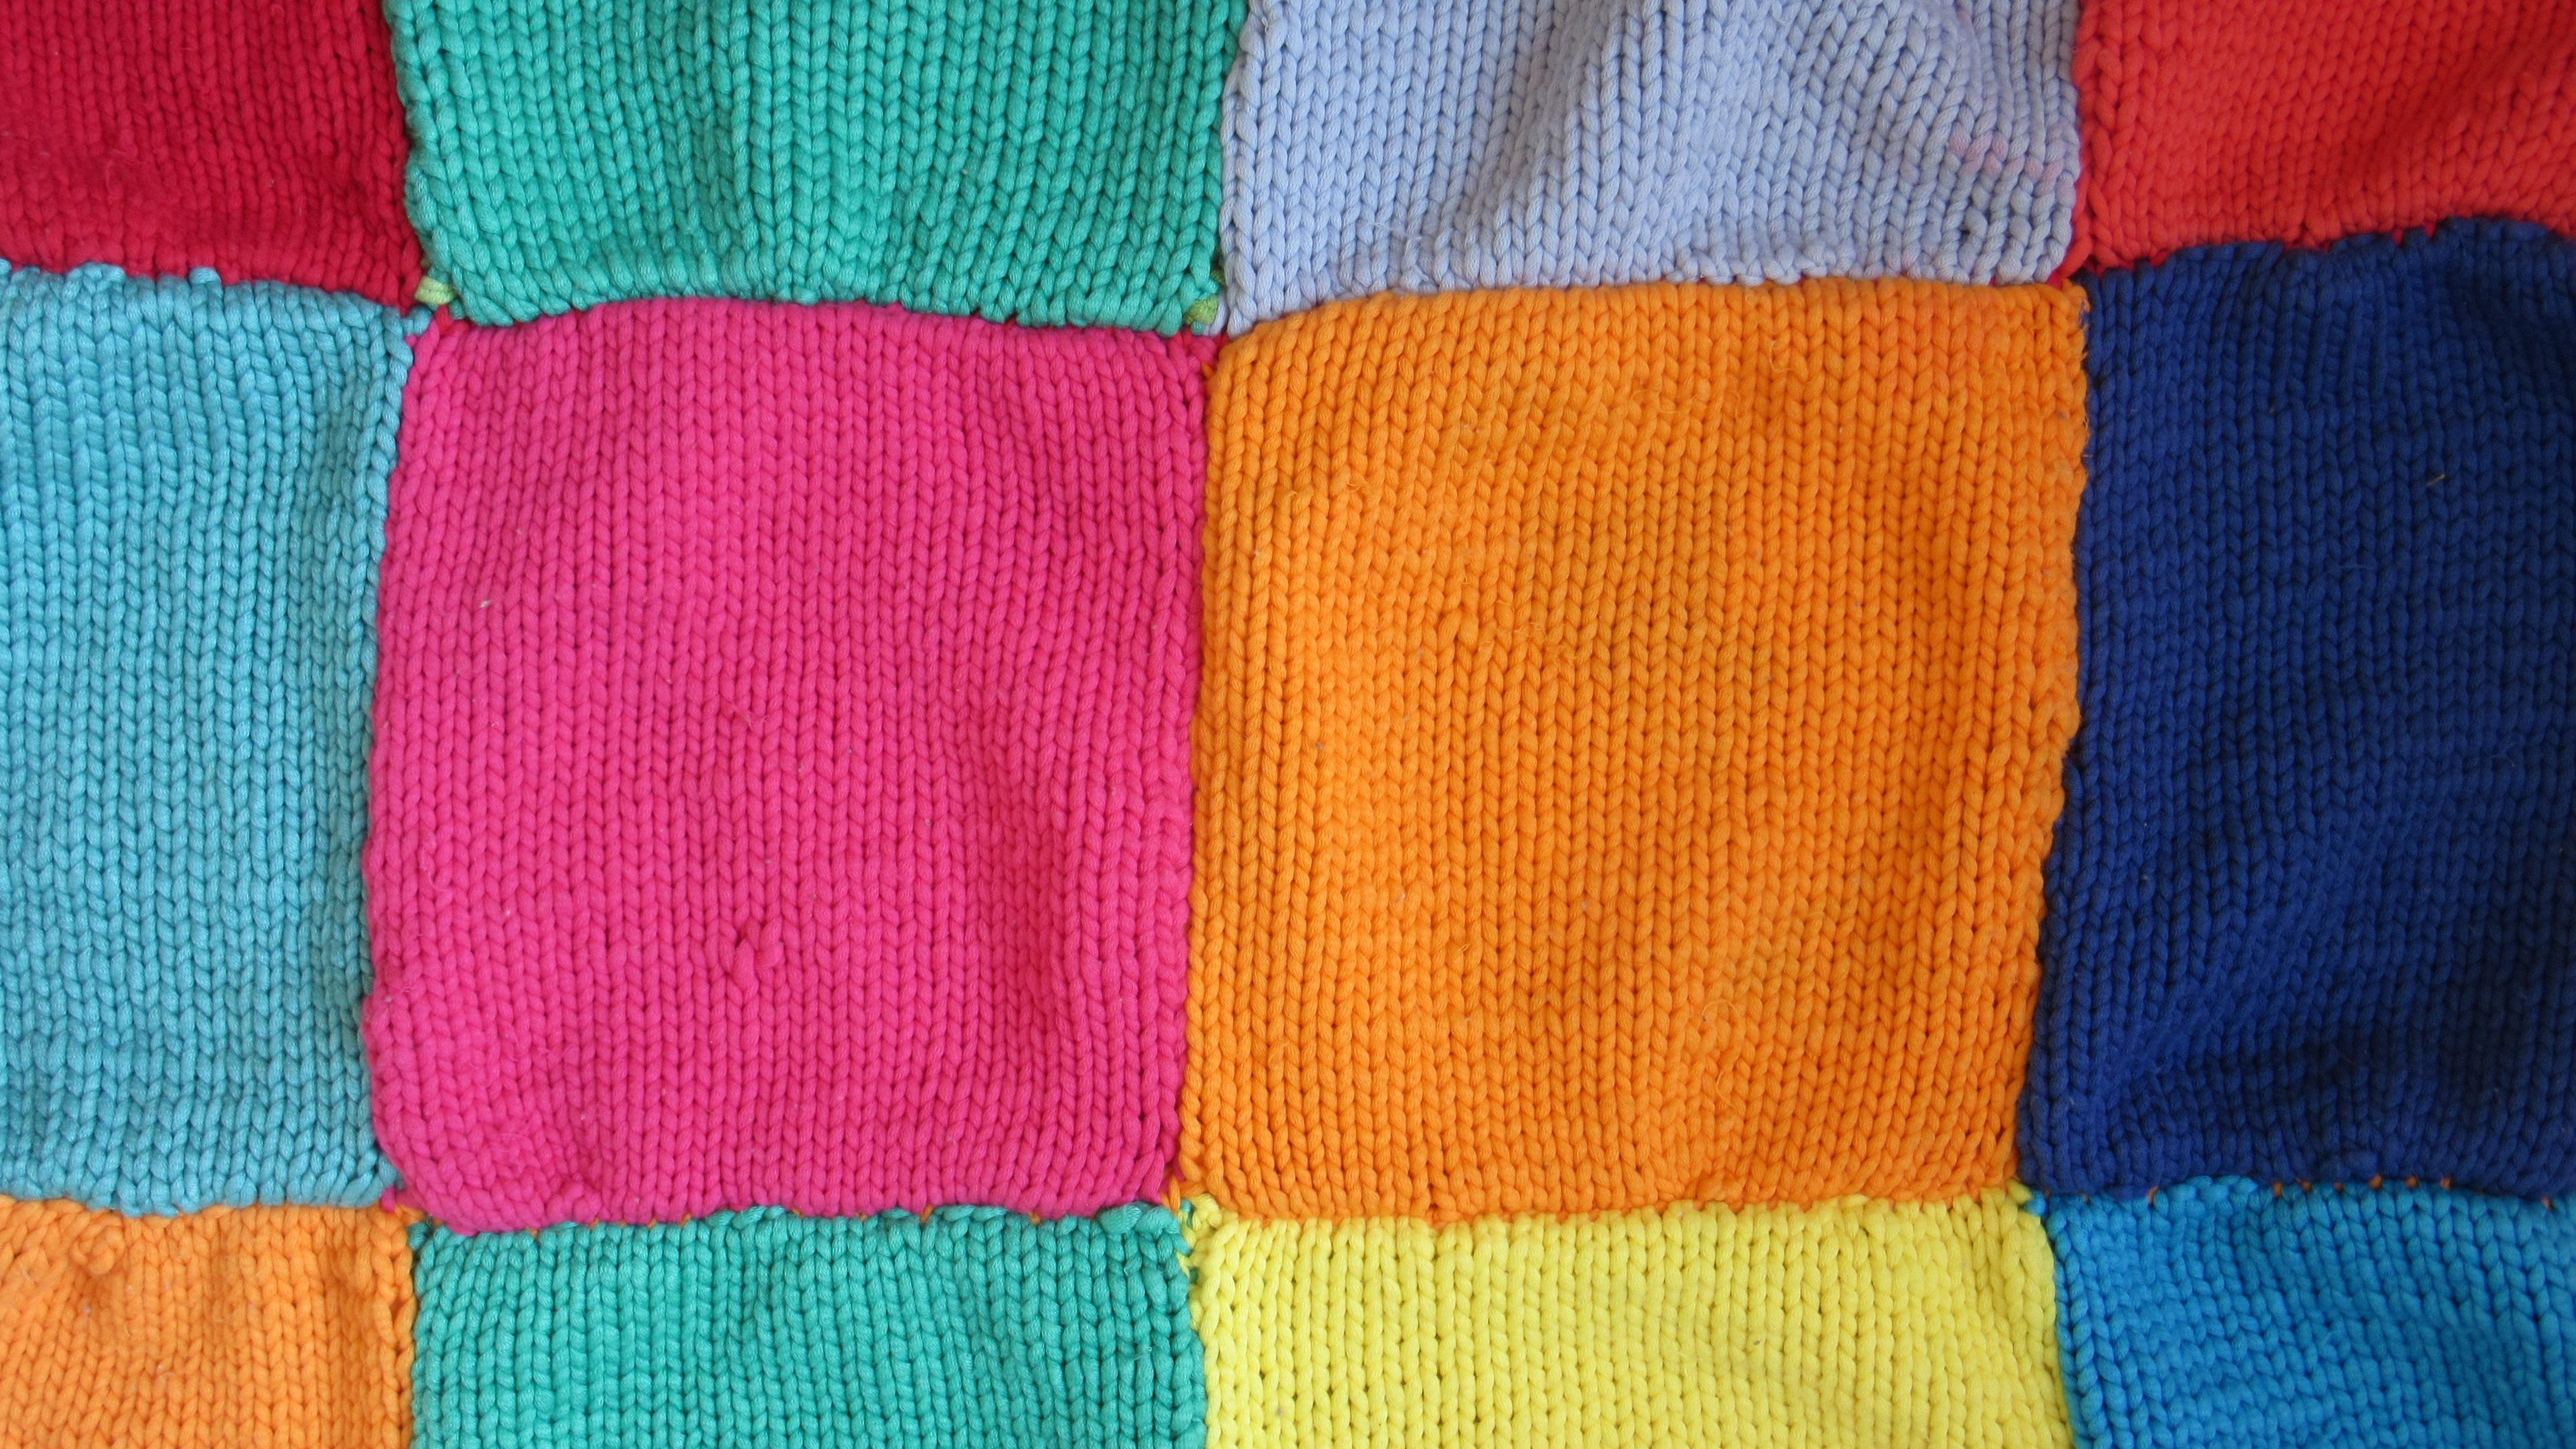 Kostenlose Foto Textur Muster Farbe Kleidung Bunt Decke